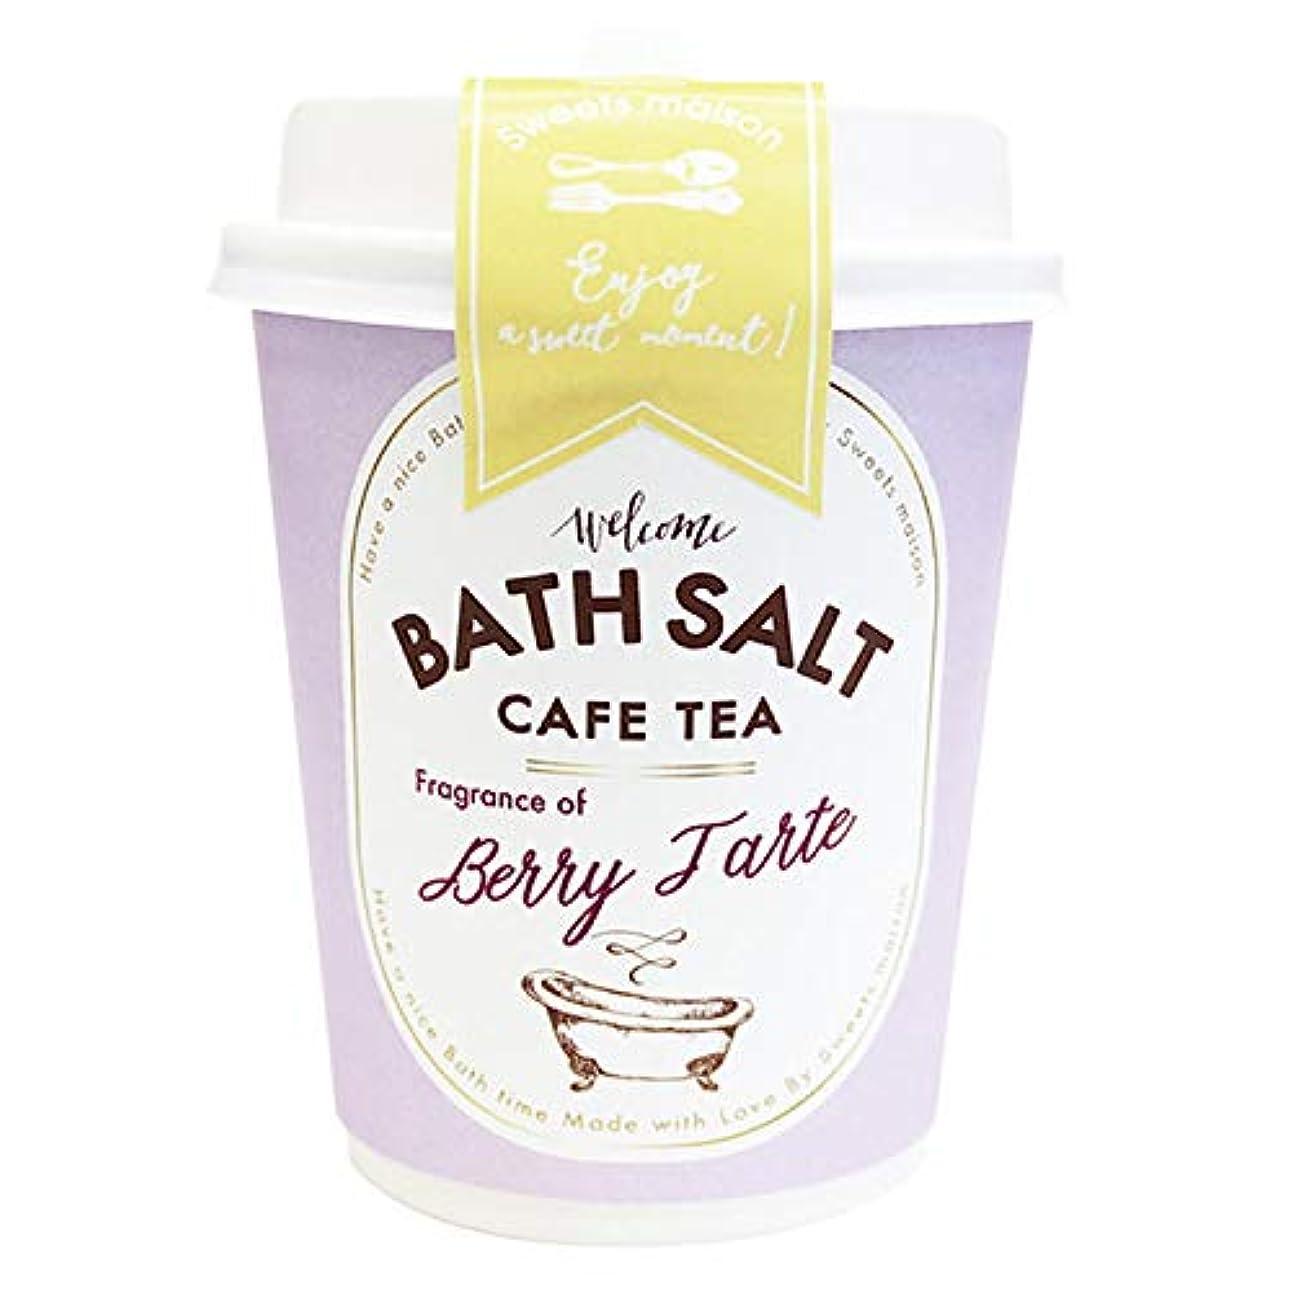 ある驚かすパーフェルビッドノルコーポレーション バスソルト スウィーツメゾン カフェティーバスソルト OB-SMM-48-3 入浴剤 ベリータルトの香り 80g